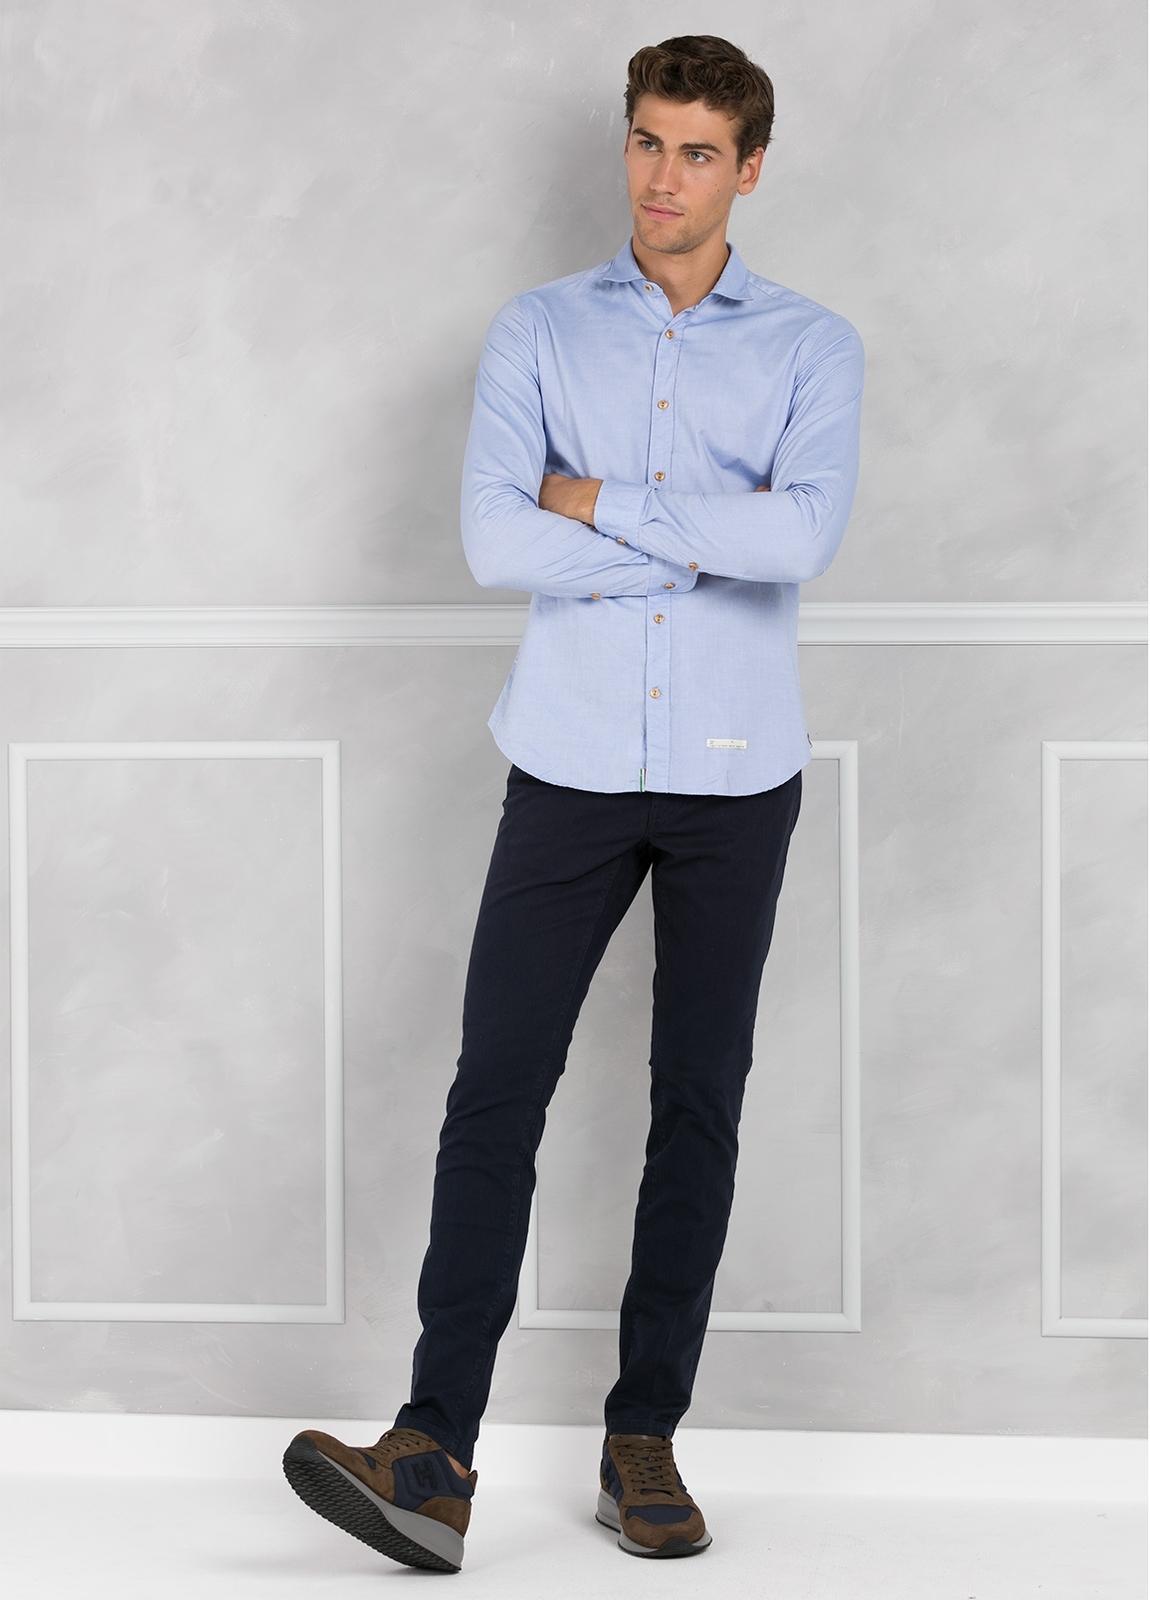 Camisa sport SLIM FIT lisa color celeste con pliegue en espalda. 100% Algodón oxford.